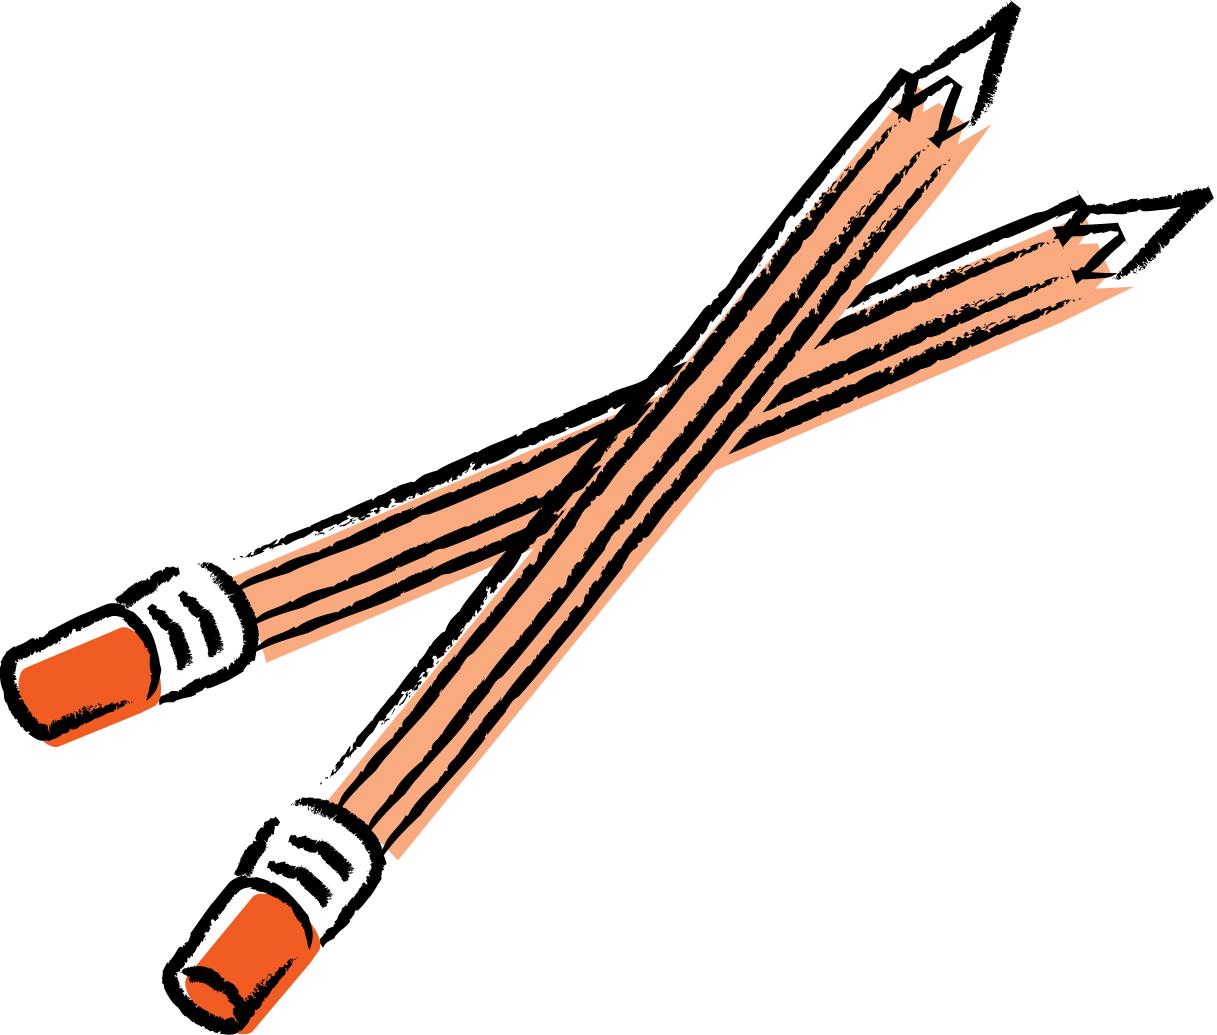 Pencil Clip Art-Pencil Clip Art-11